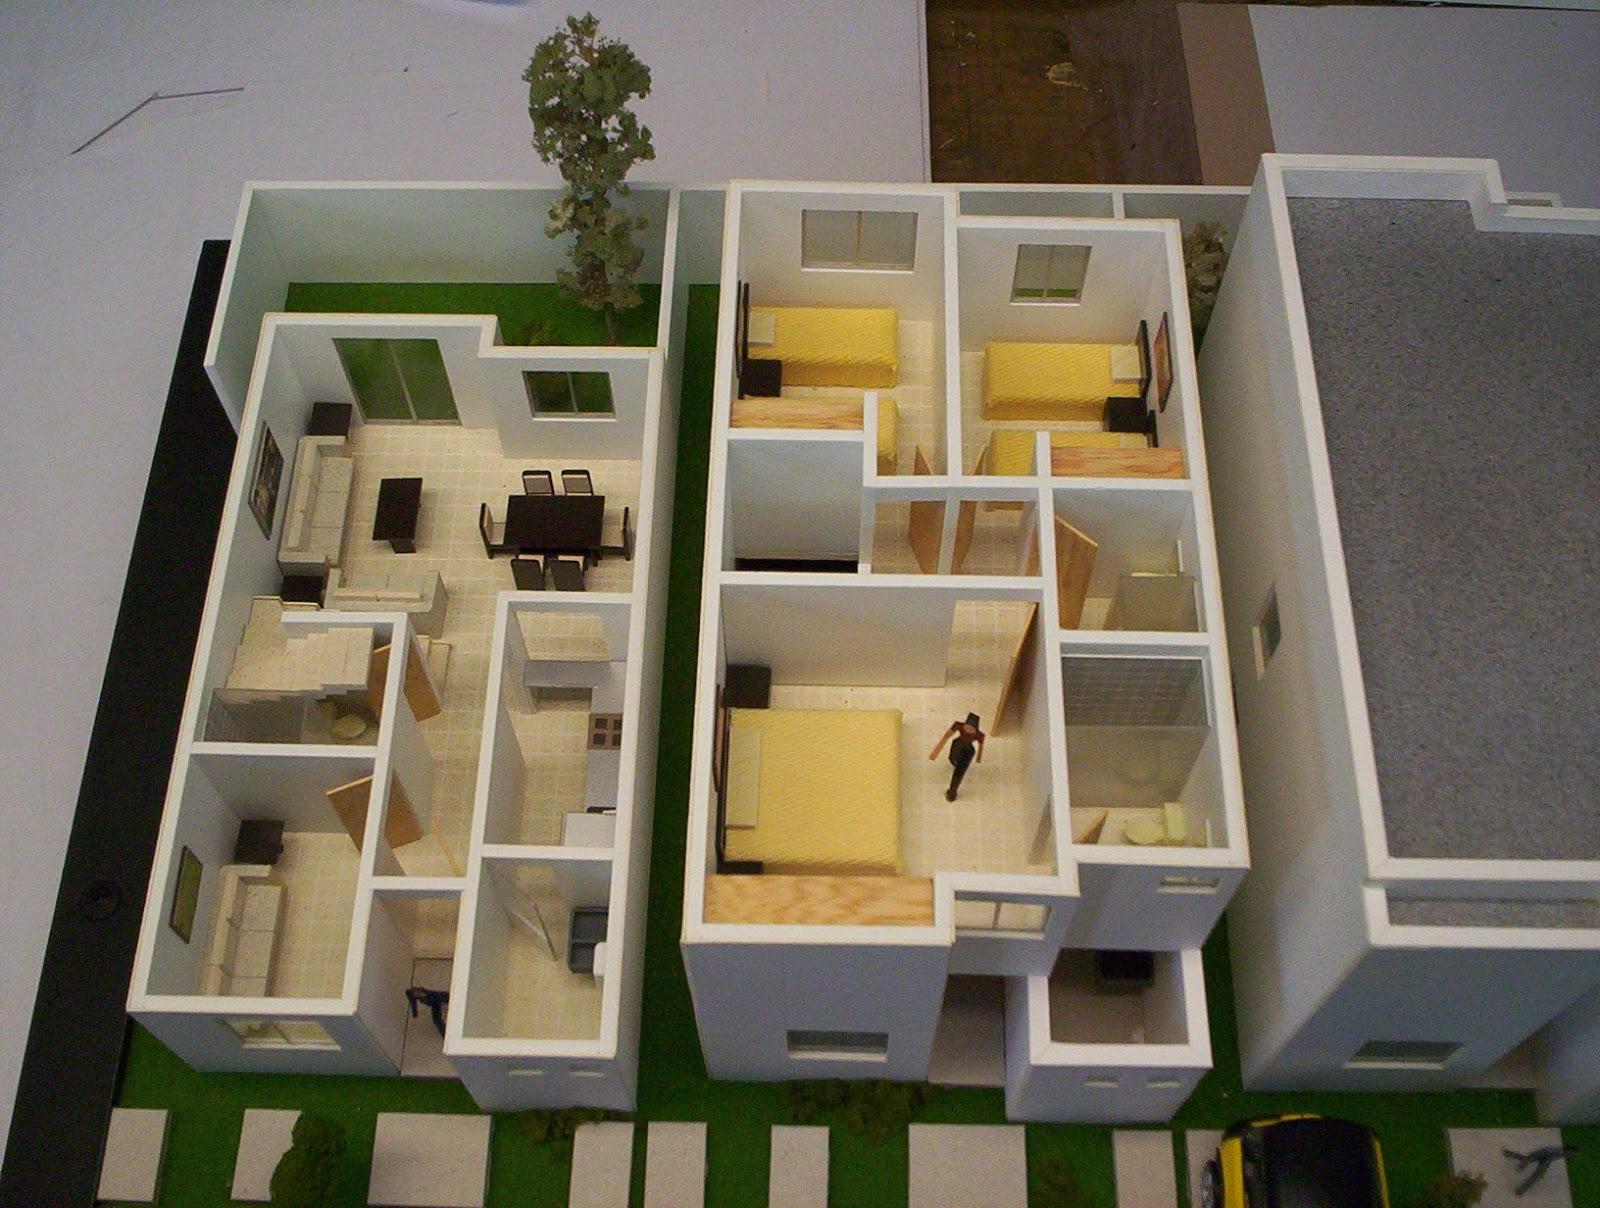 maquetas de detalle de diferentes prototipos de casa habitacion